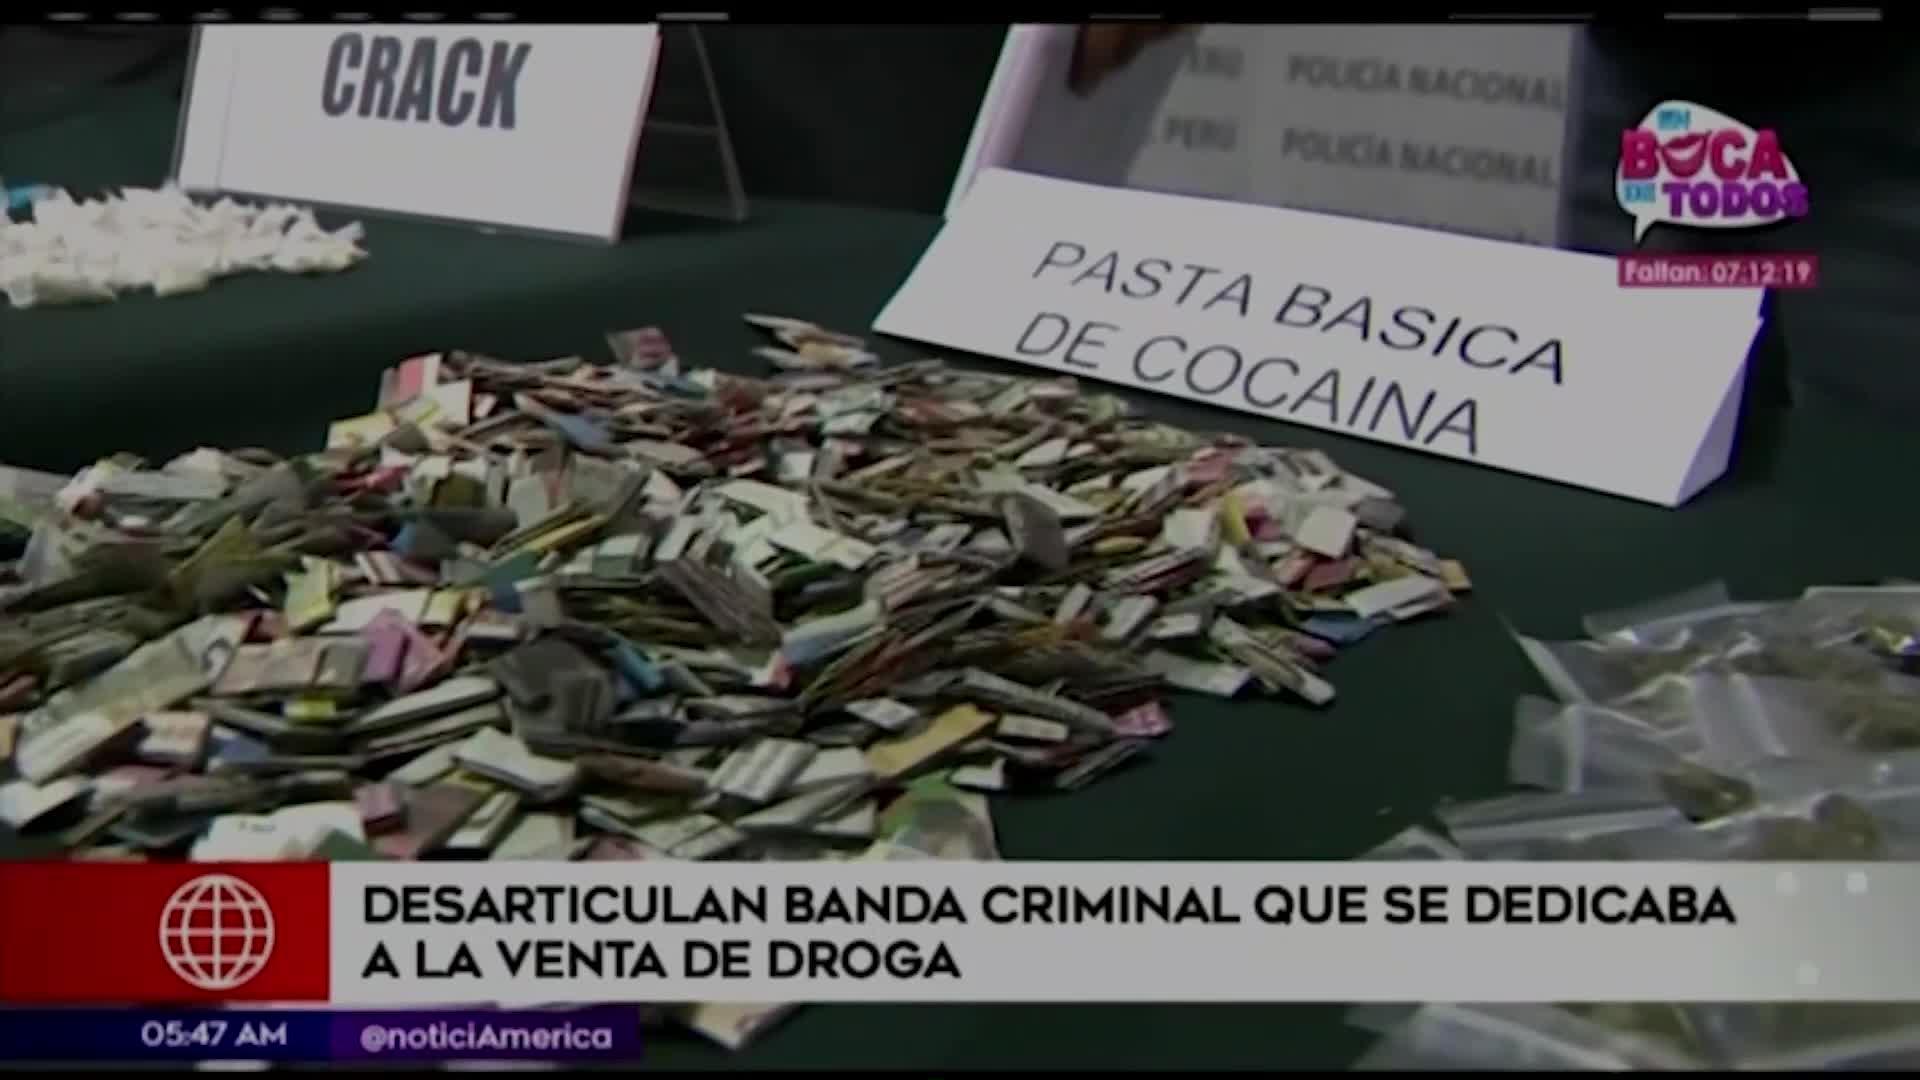 Capturan a banda dedicada a la venta de drogas en La Victoria